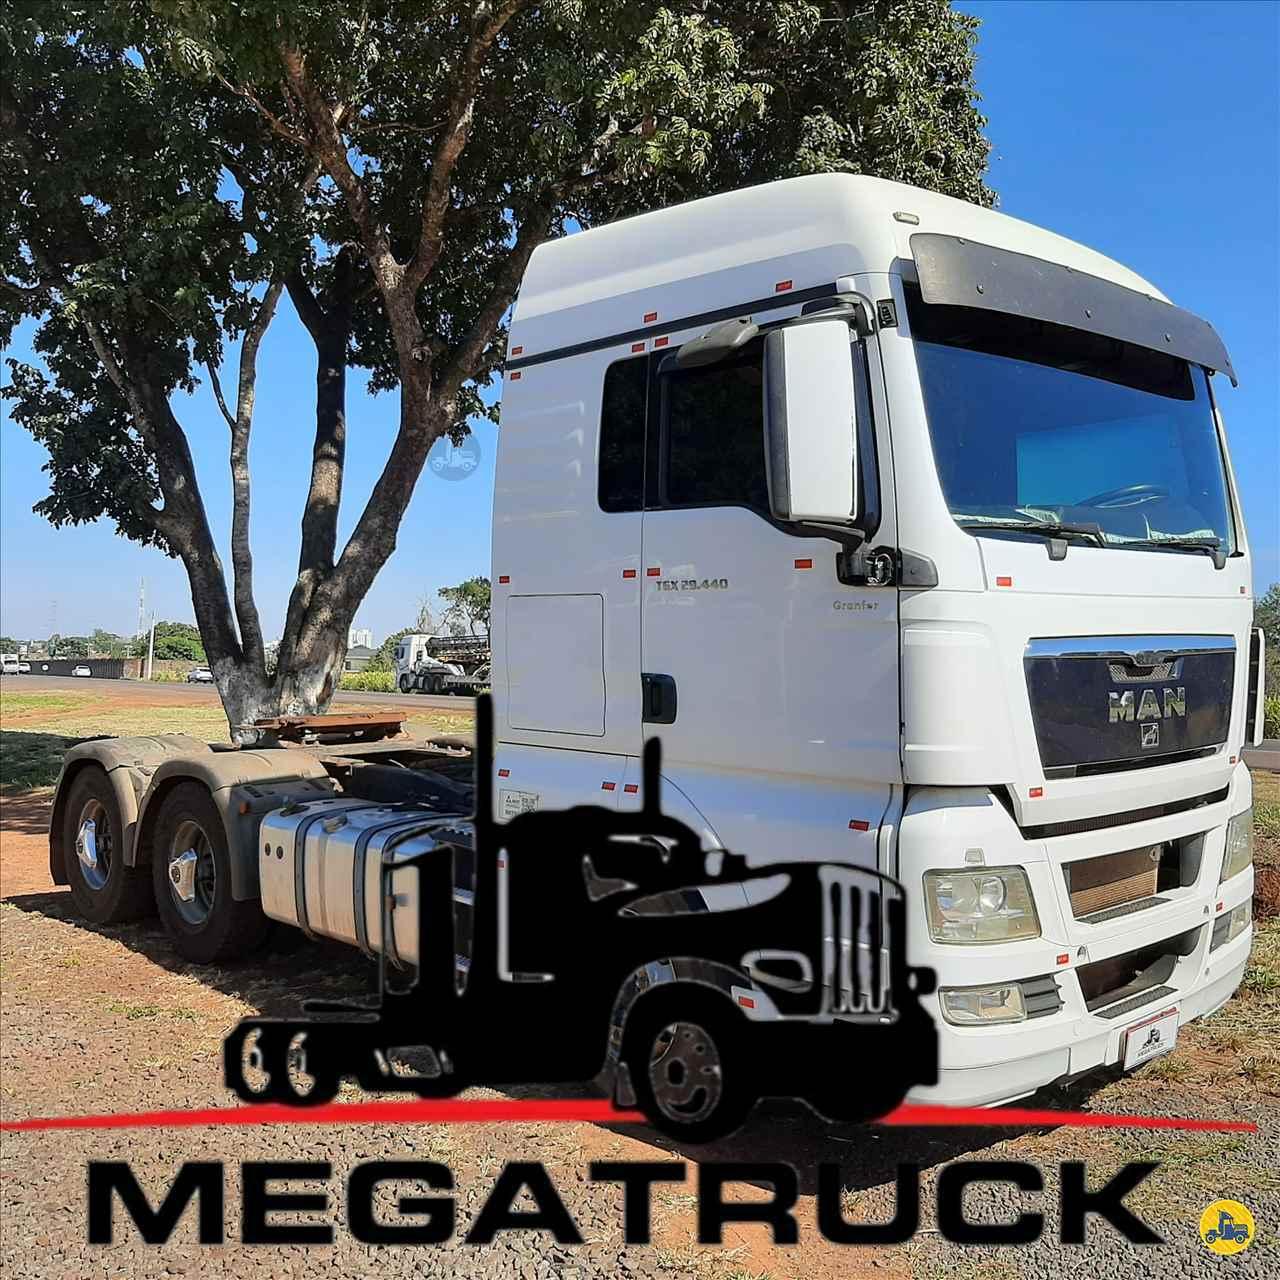 CAMINHAO MAN TGX 29 440 Cavalo Mecânico Traçado 6x4 Megatruck Caminhões e Máquinas CAMPO GRANDE MATO GROSSO DO SUL MS